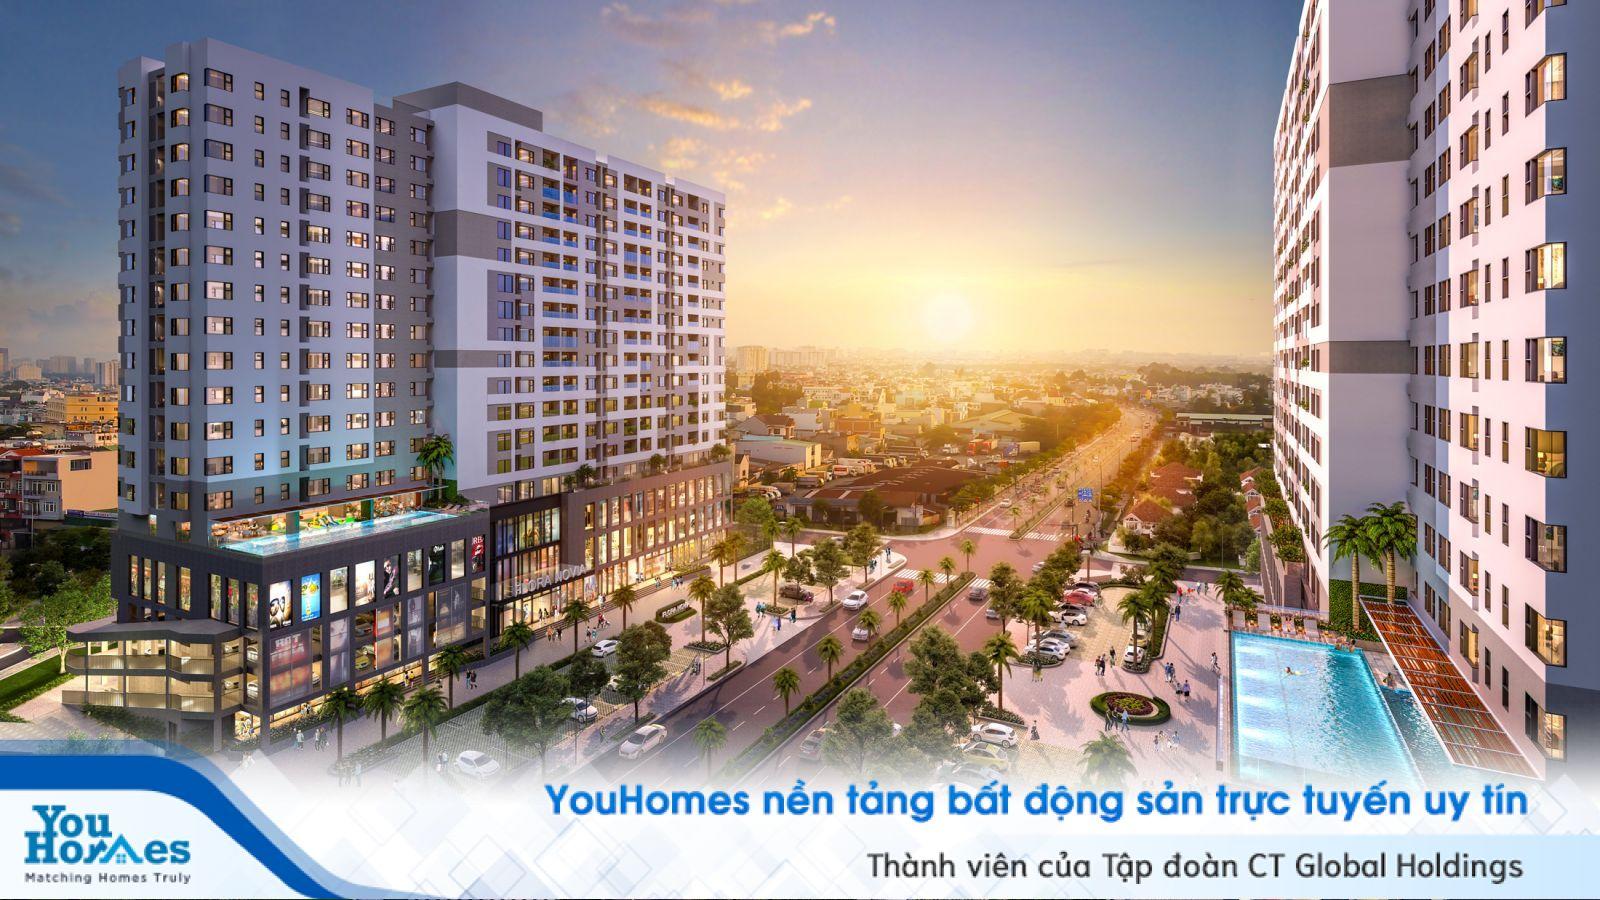 Đối với những chung cư cao cấp thì nên chọn tầng cao vì chung cư cao cấp thường xây ở những vị trí có tầm nhìn đẹp, vì thế bạn nên tận dụng những tầm nhìn đó để tăng chất lượng sống.